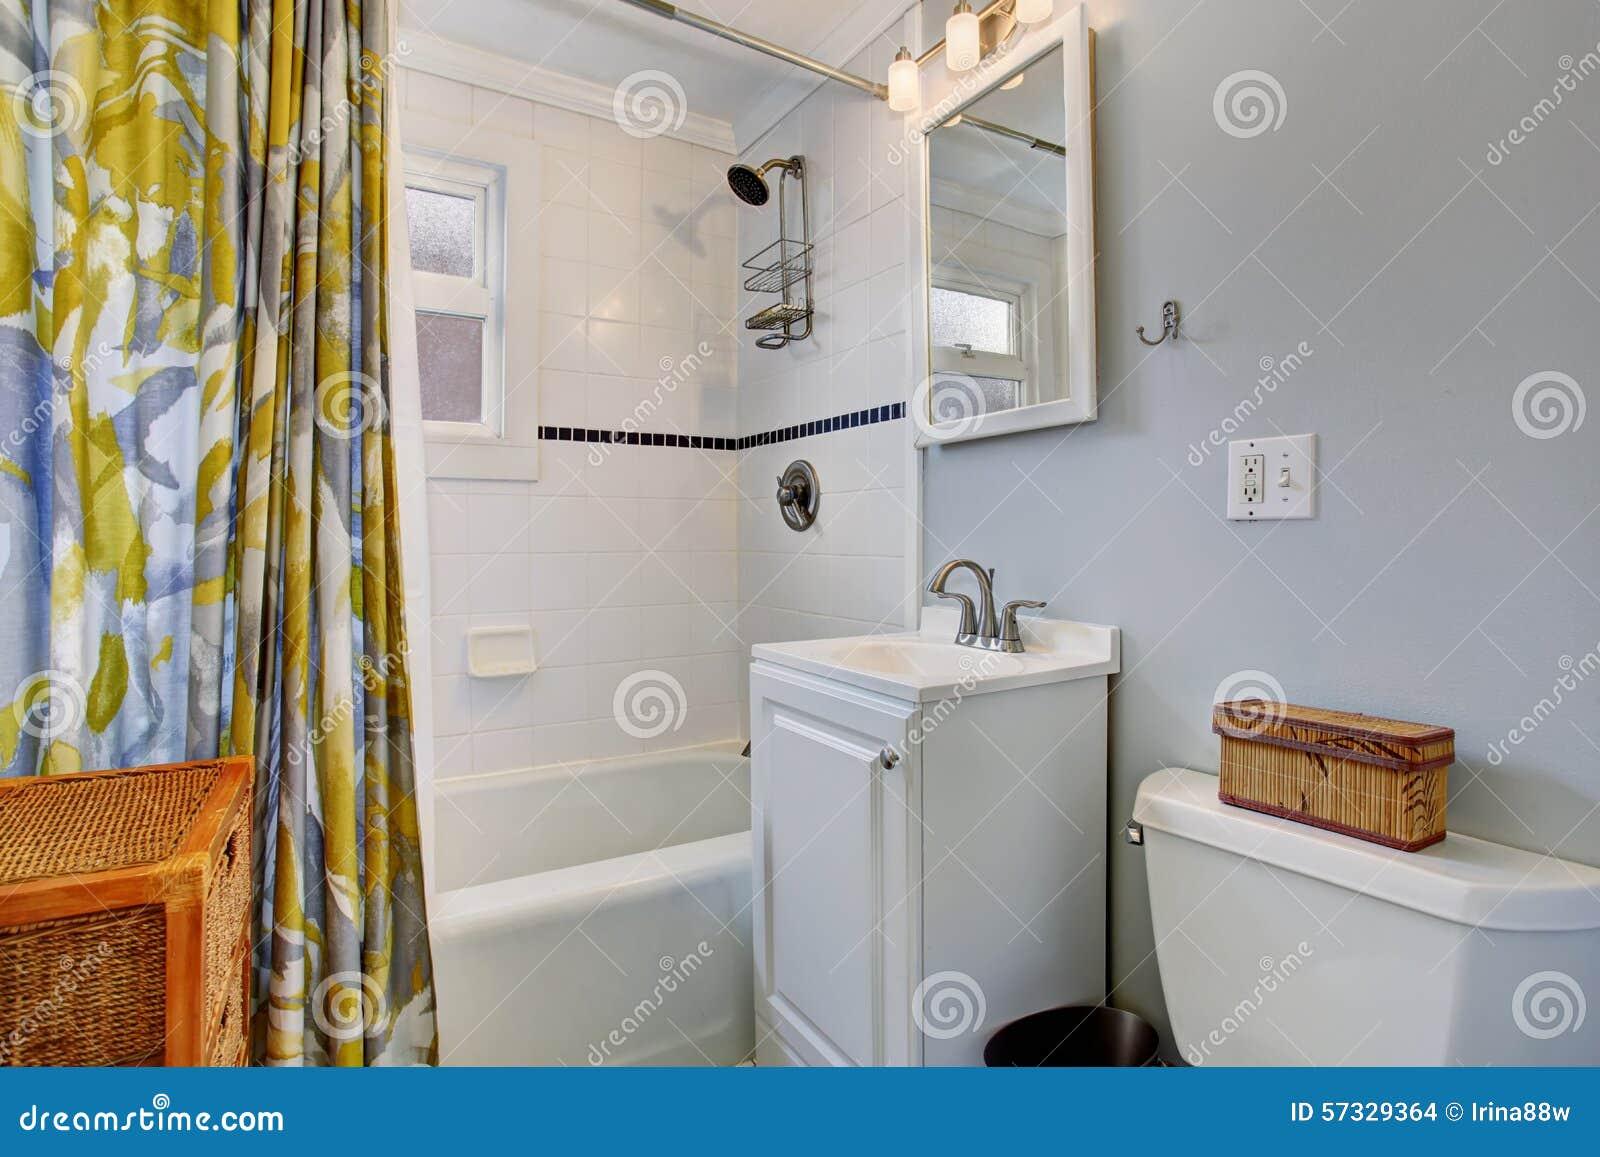 Petite salle de bains avec les murs bleus et rideau en - Petite salle d eau avec douche ...